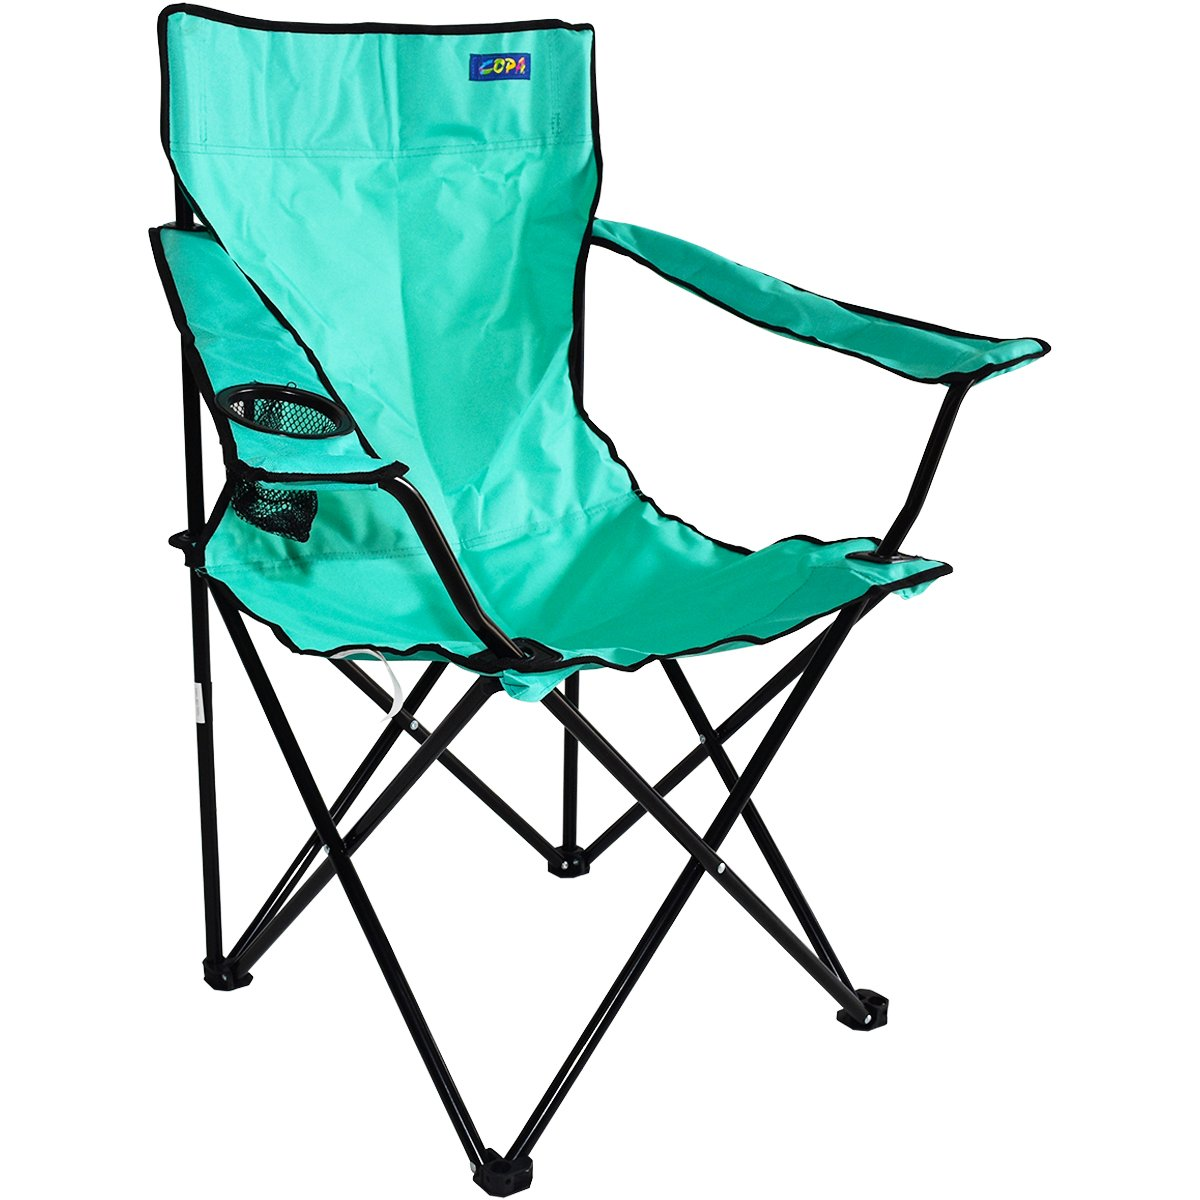 人気が高い high-back Largeクアッドビーチ椅子 ミントグリーン B07DBSH9S6 B07DBSH9S6, エルコンセプト:fbda6680 --- cliente.opweb0005.servidorwebfacil.com